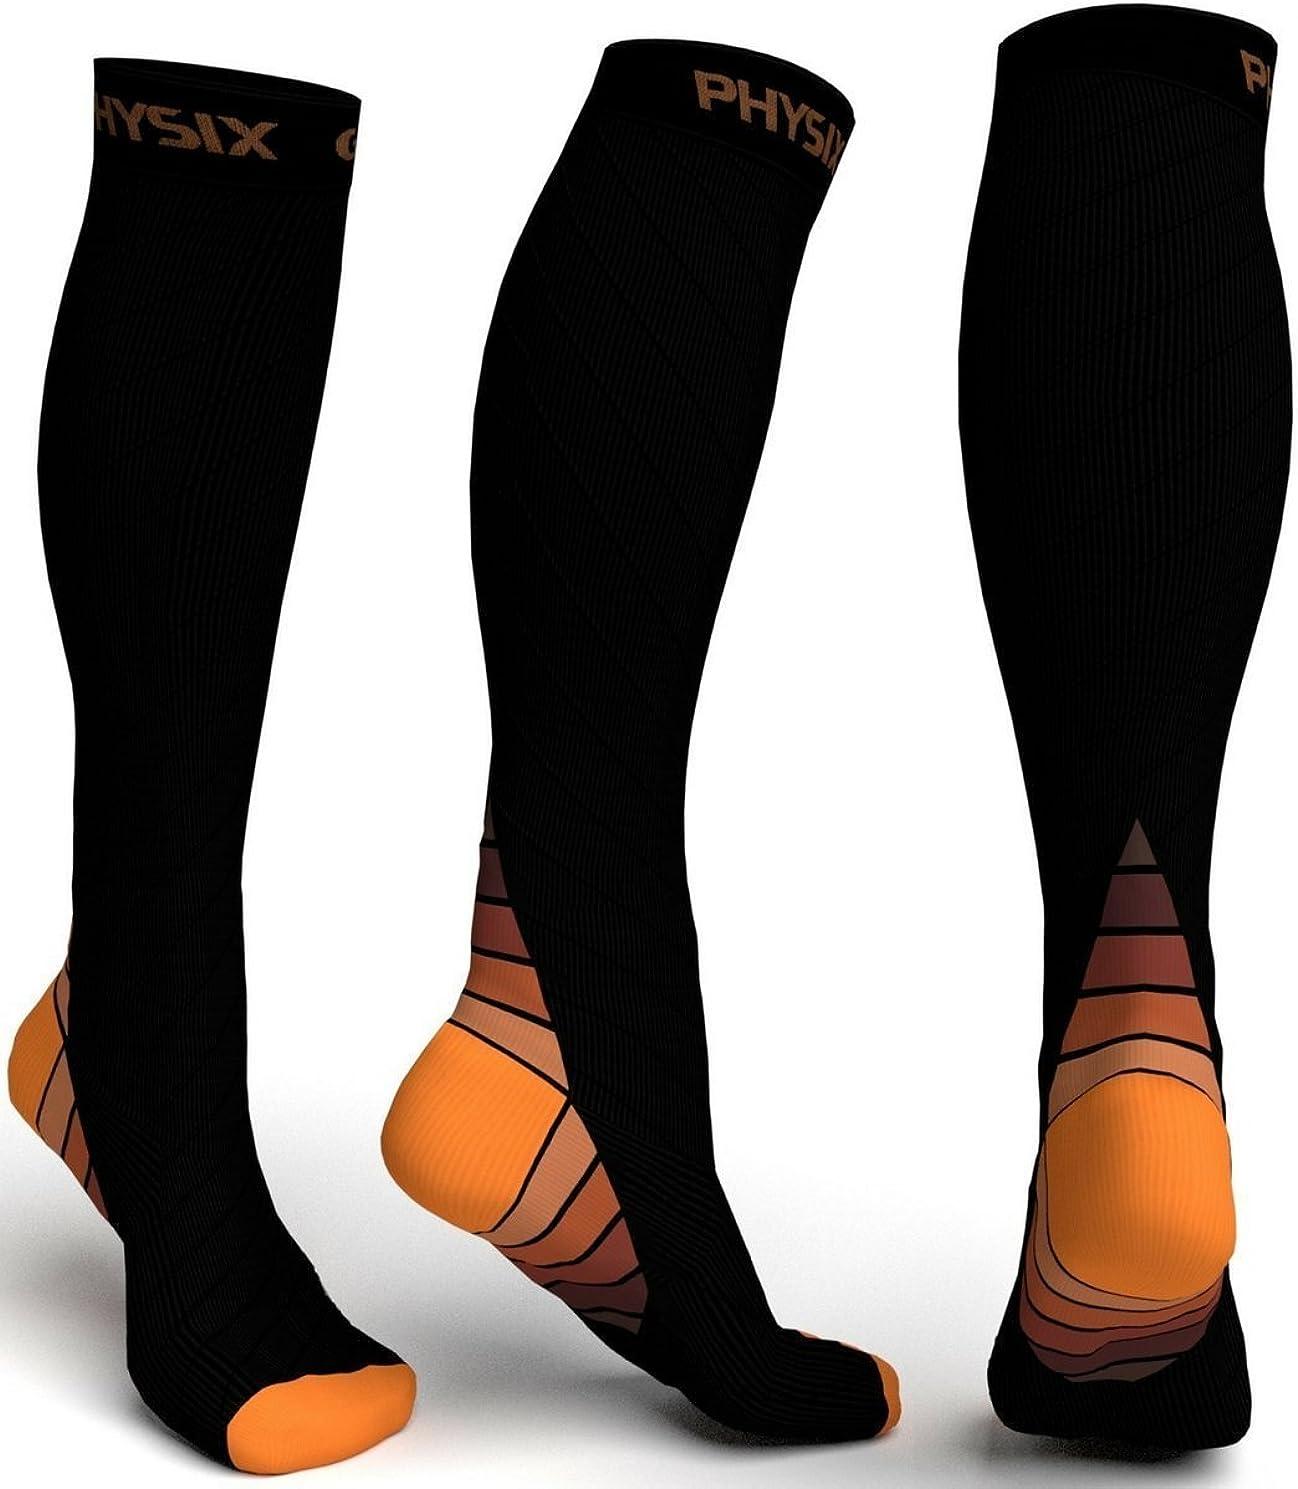 Physix Gearコンプレッションソックス男性用/女性用(20?30 mmHg)最高の段階的なフィット ランニング、看護、過労性脛部痛、フライトトラベル&マタニティ妊娠 – スタミナ、循環&回復 (BLACK & ORANGE S-M)